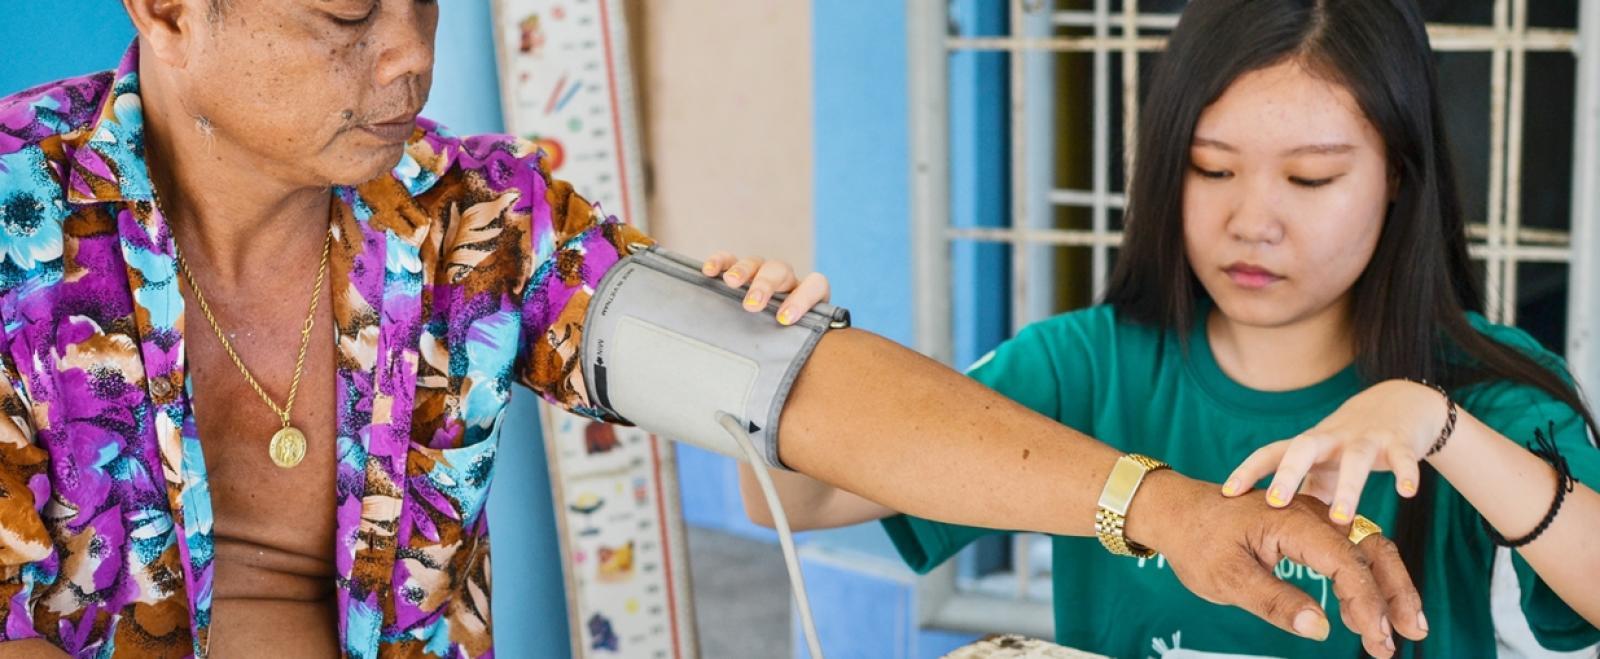 フィリピンに暮らす人々を対象に血圧測定を行う公衆衛生インターン